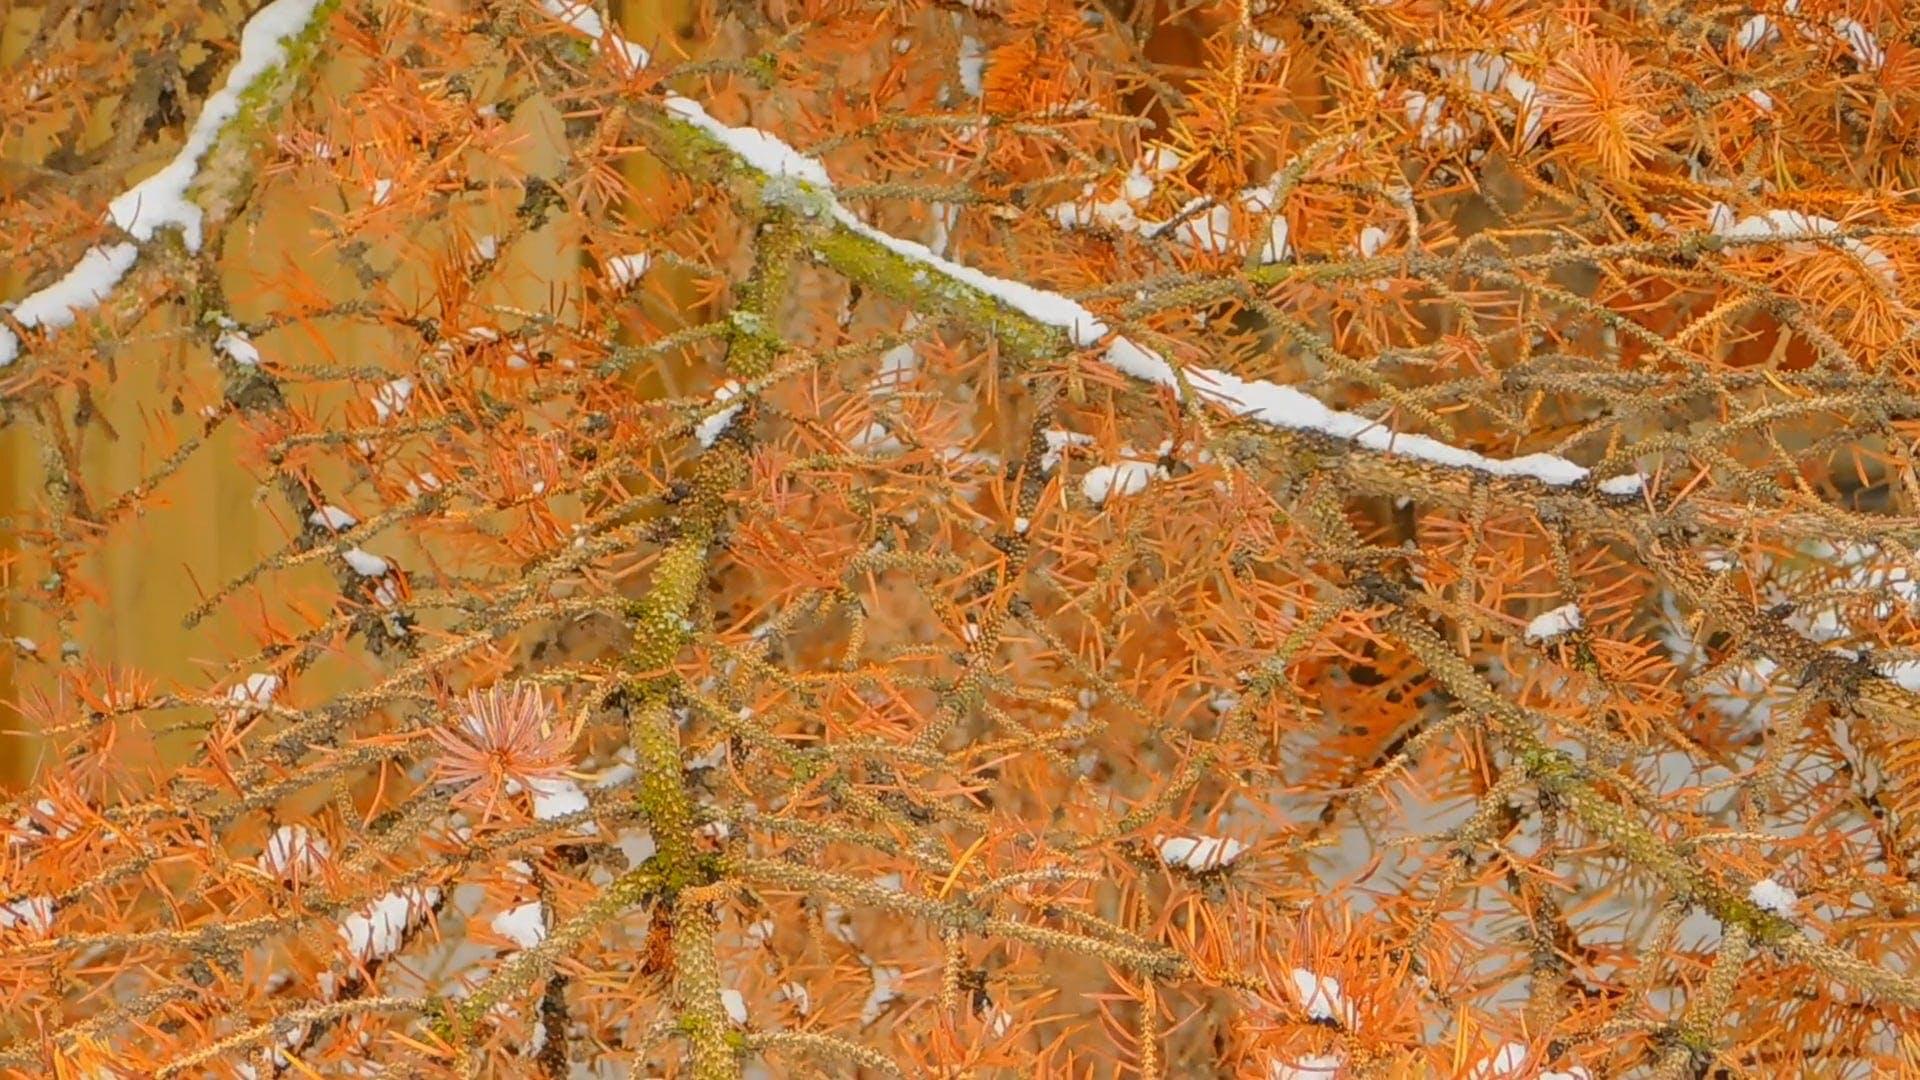 A Huge Dead Spruce Tree